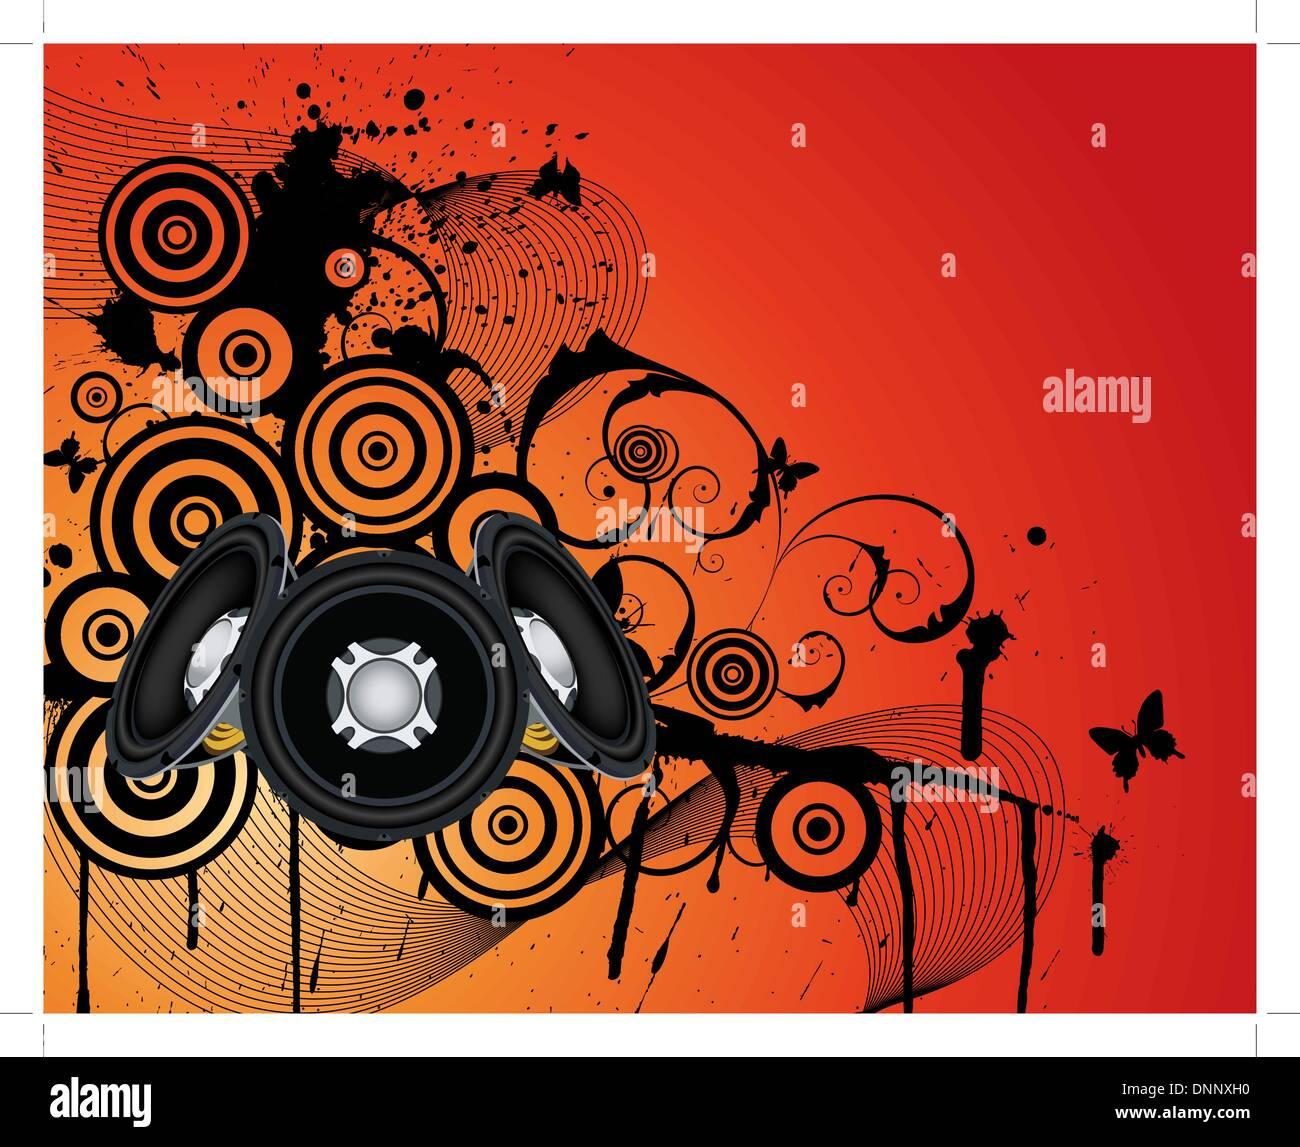 Musikalischen Grunge Hintergrund. EPS 10 Vectorillustration Wthout Transparenz. Stockbild